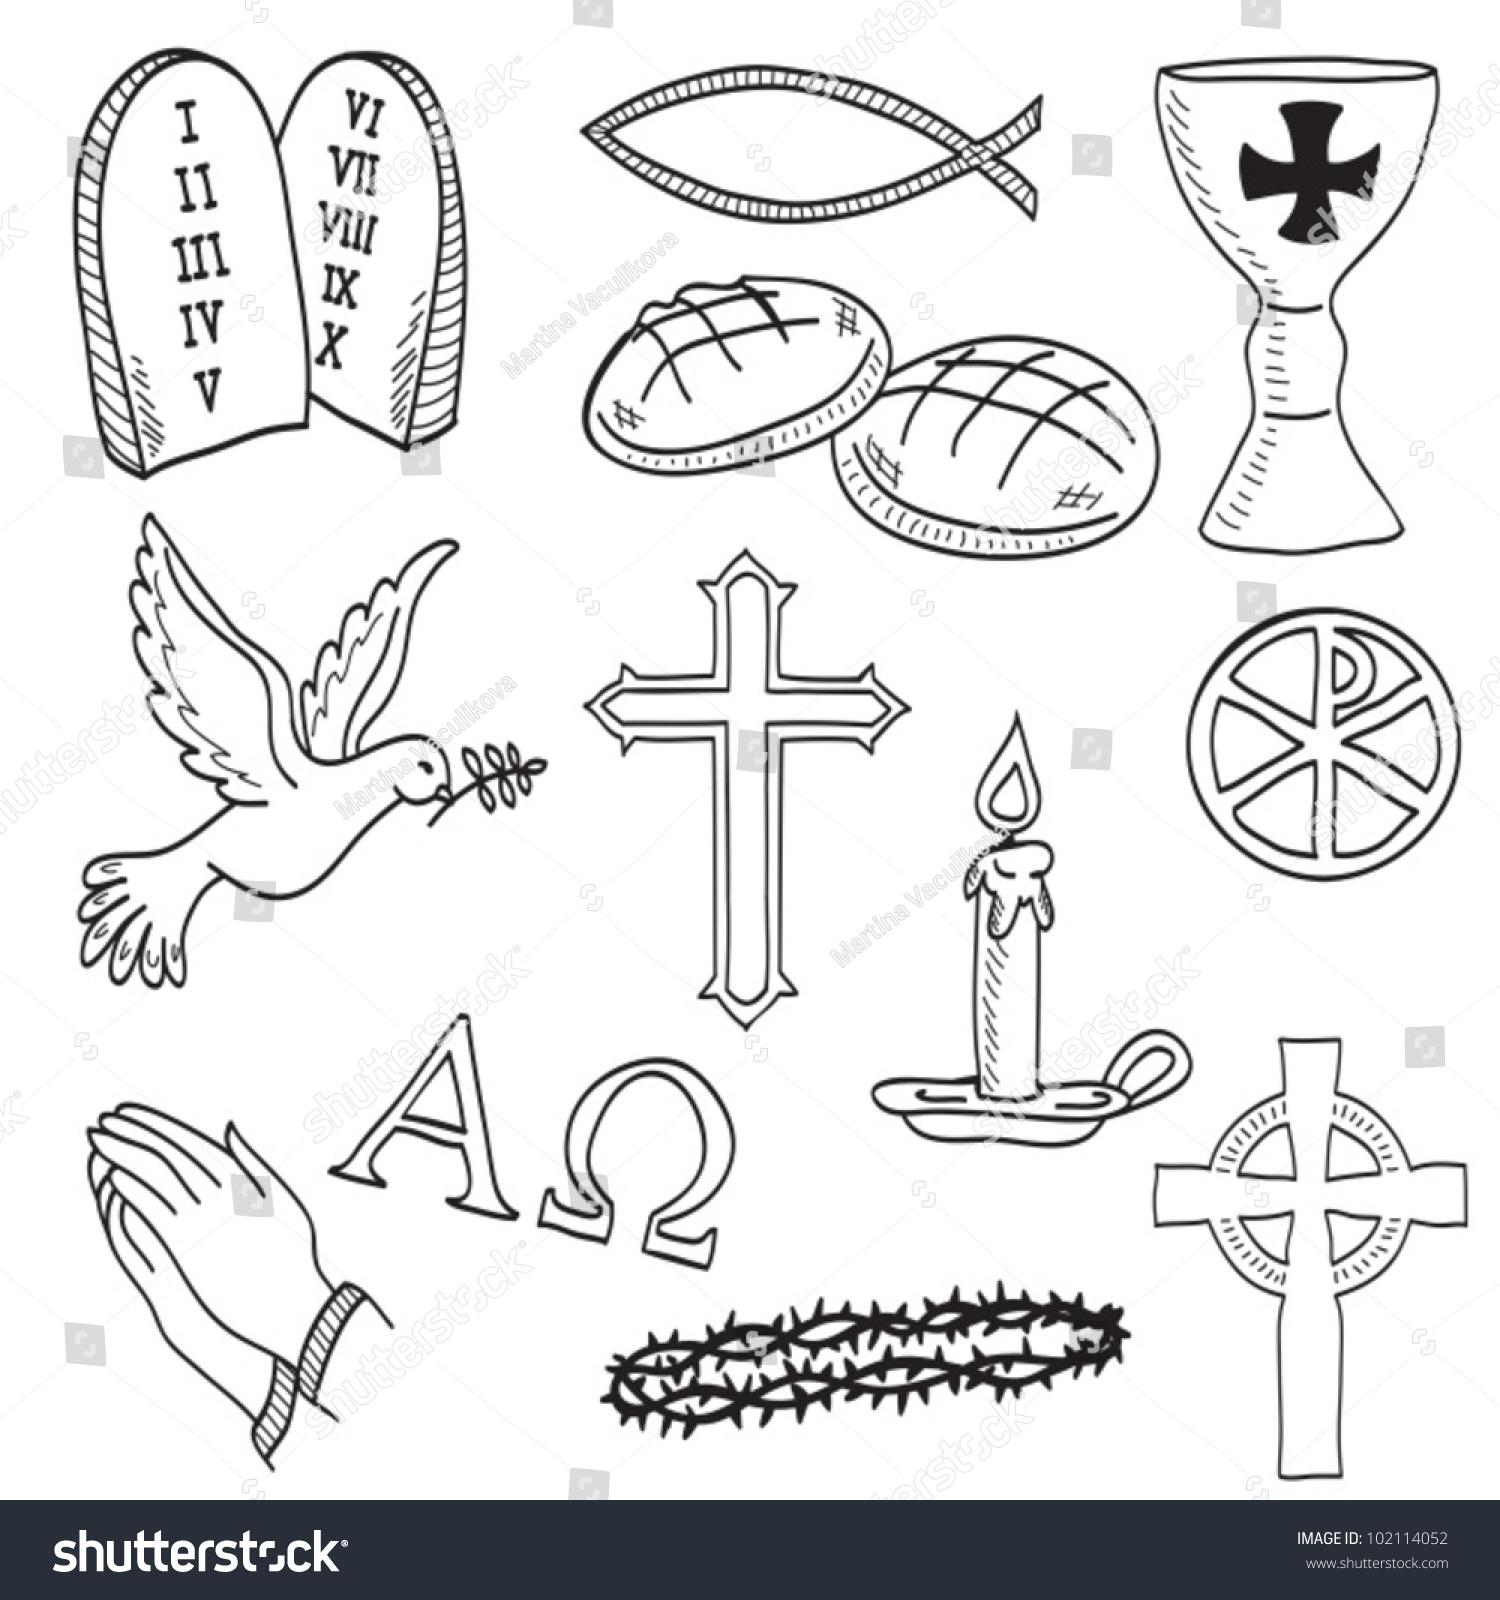 Christian Handdrawn Symbols Illustration Cross Hands Stock Vector